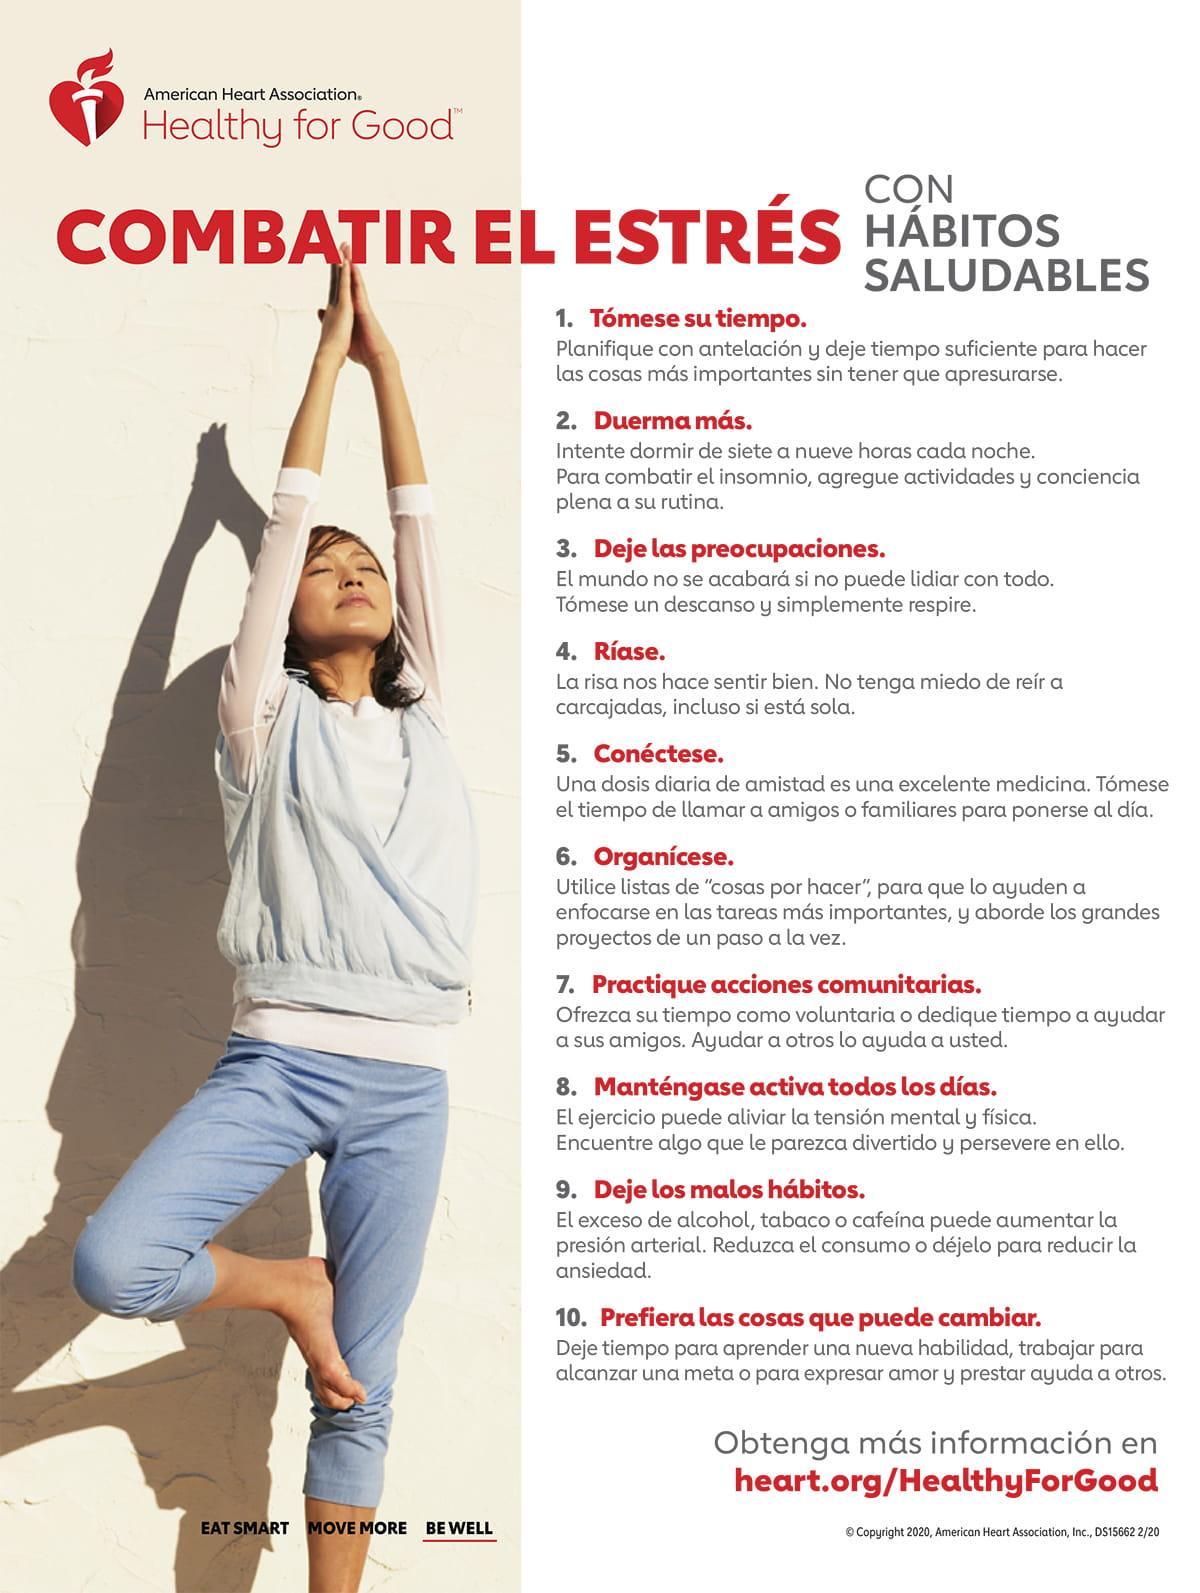 Infografía de Luchar contra el estrés con hábitos saludables en español